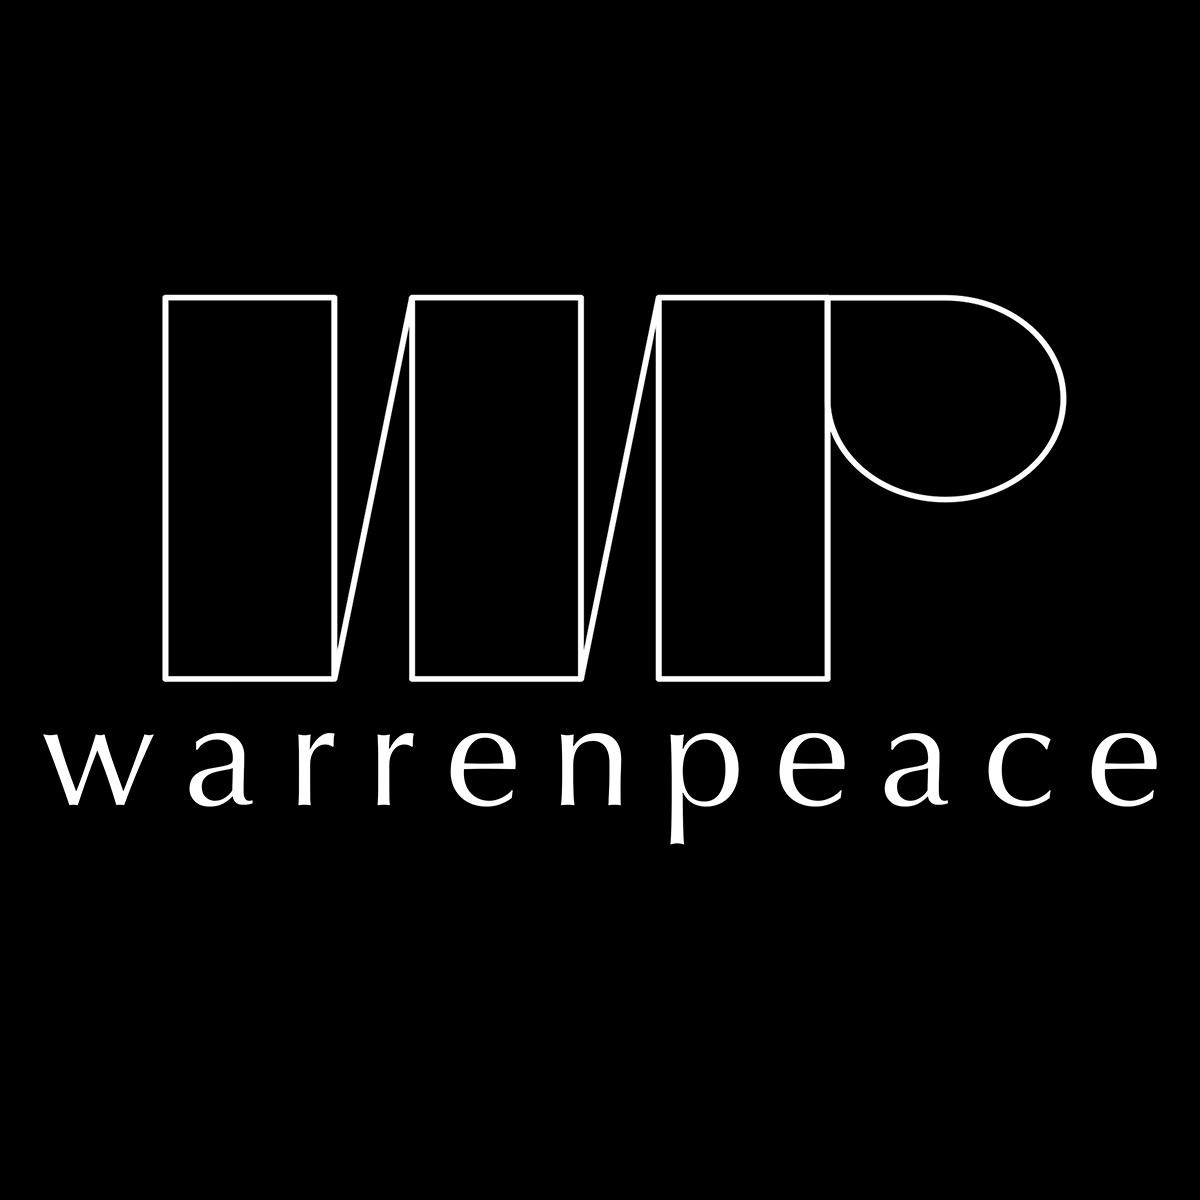 WARRENPEACE